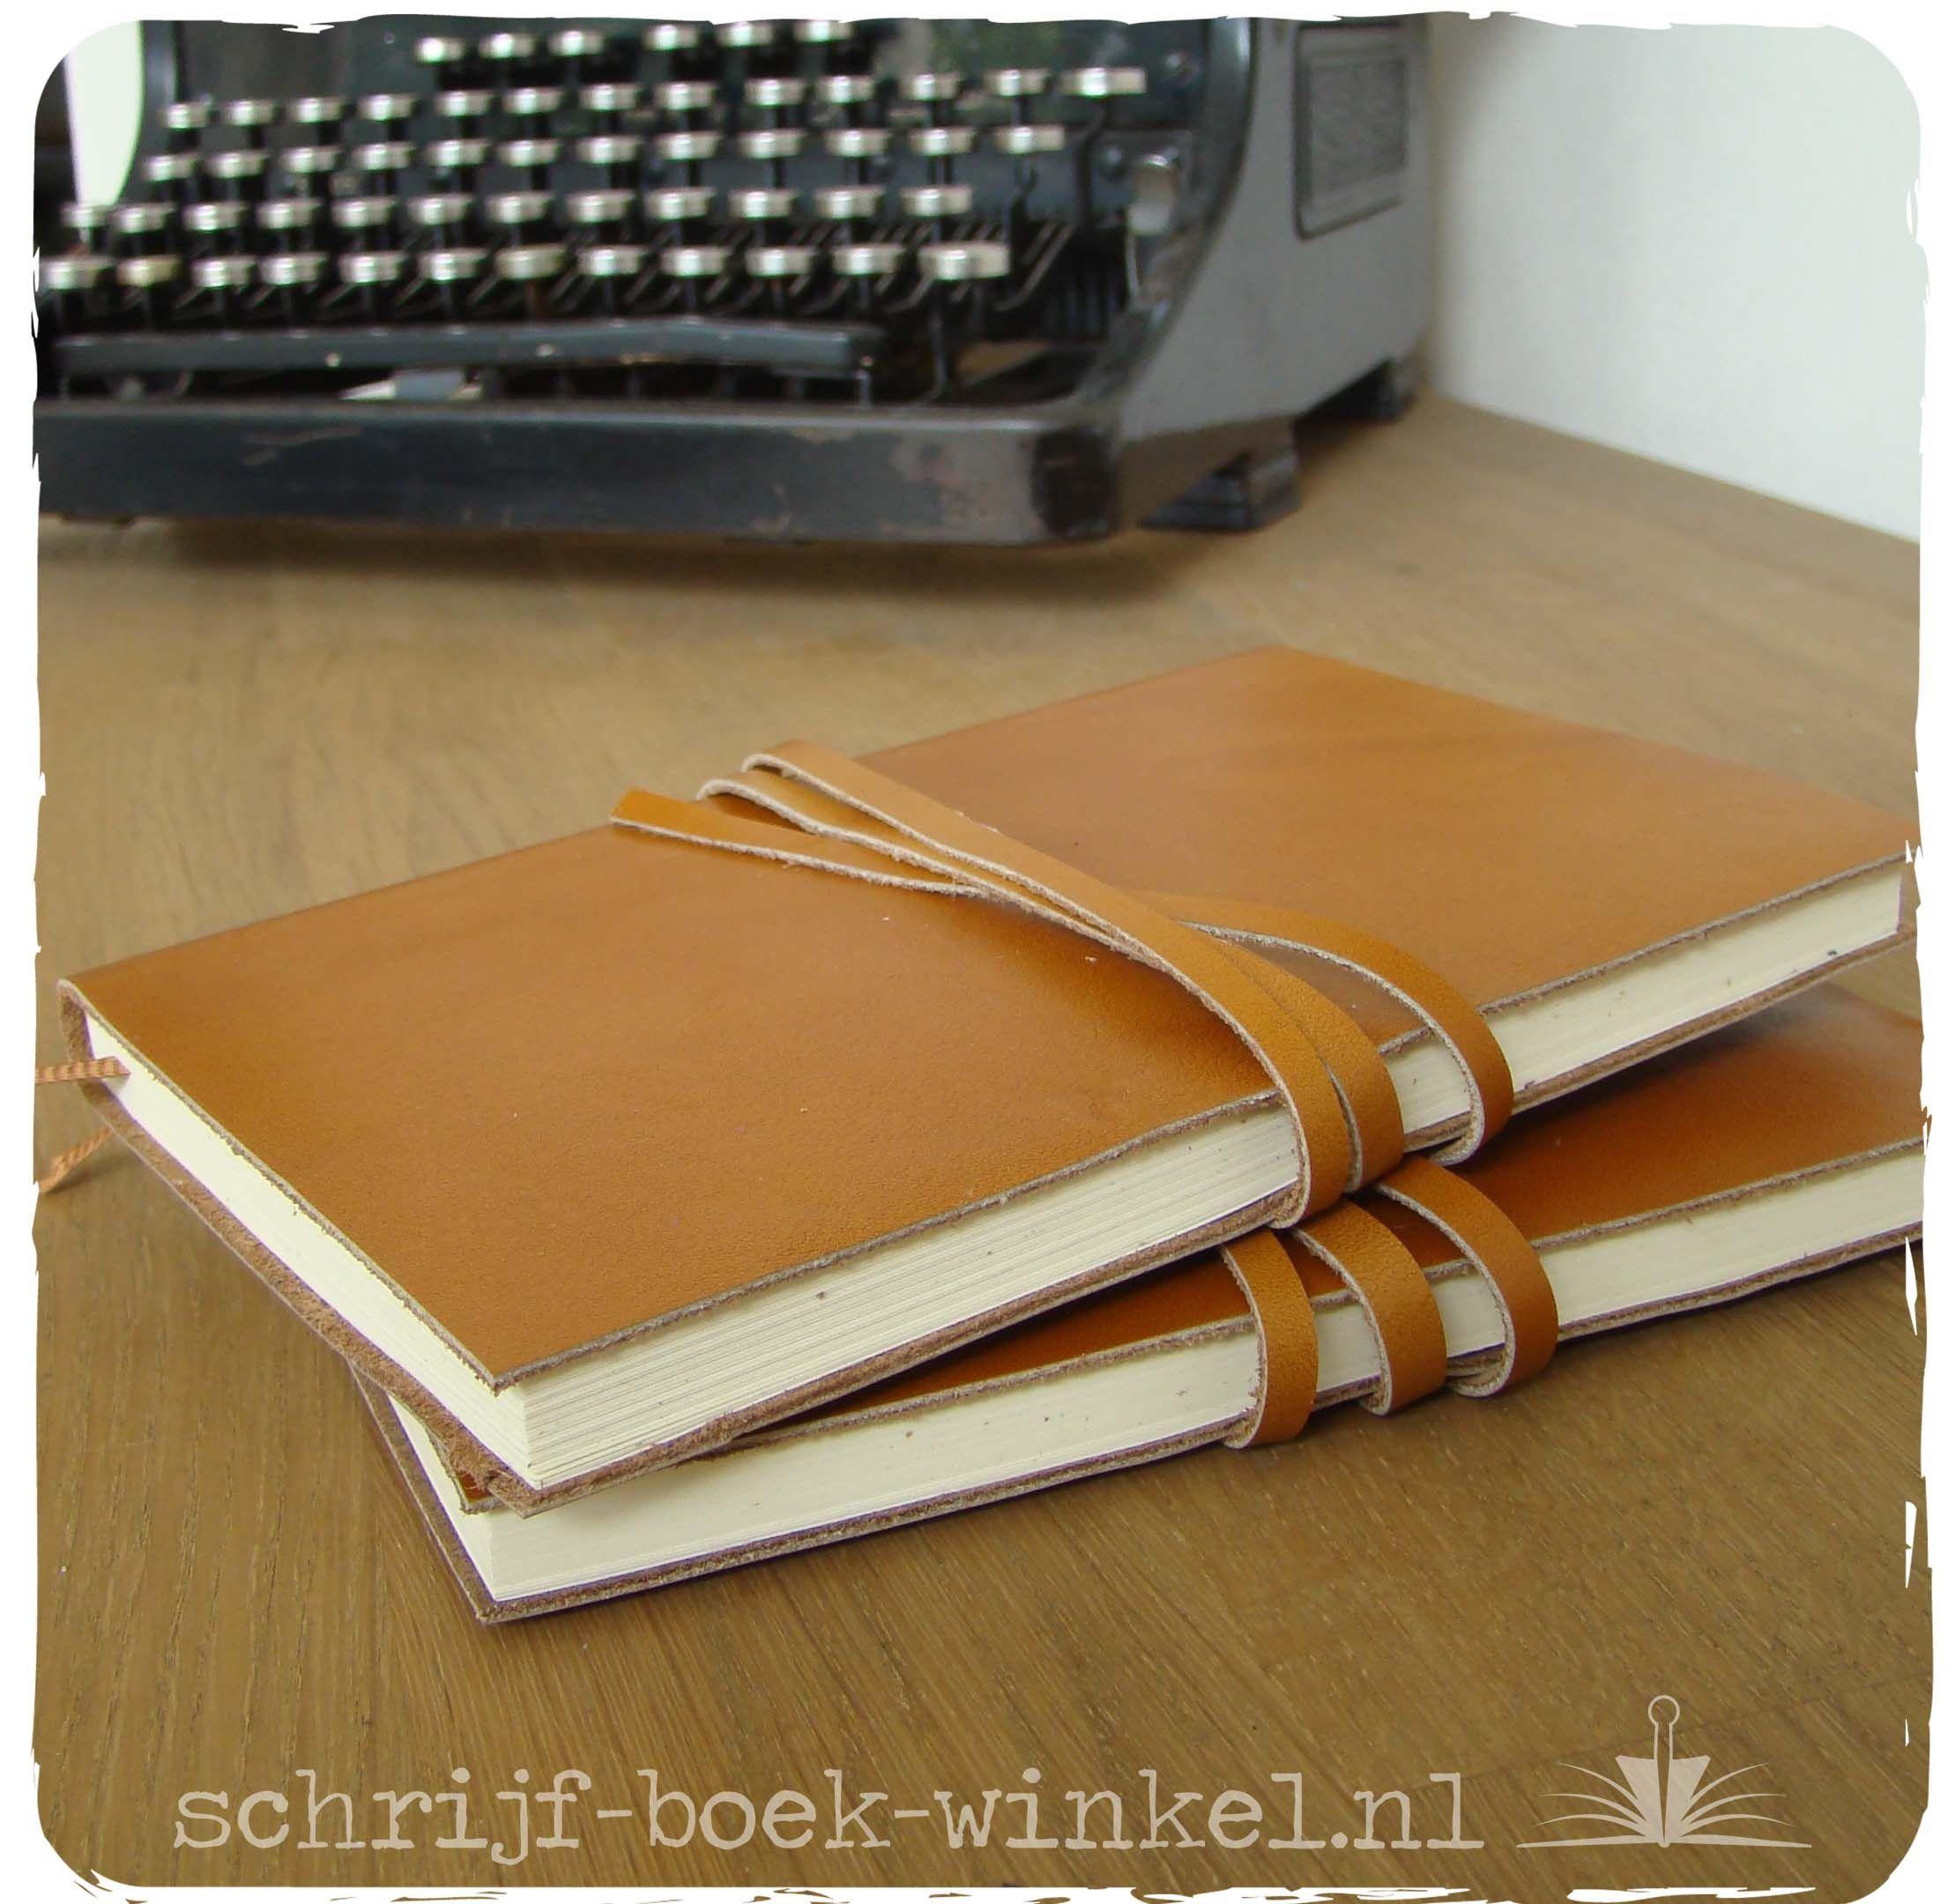 A6 notitieboeken met handgemaakte kaft van stevig cognackleurig leer. Verkocht. Info? mail info@schrijf-boek-winkel.nl